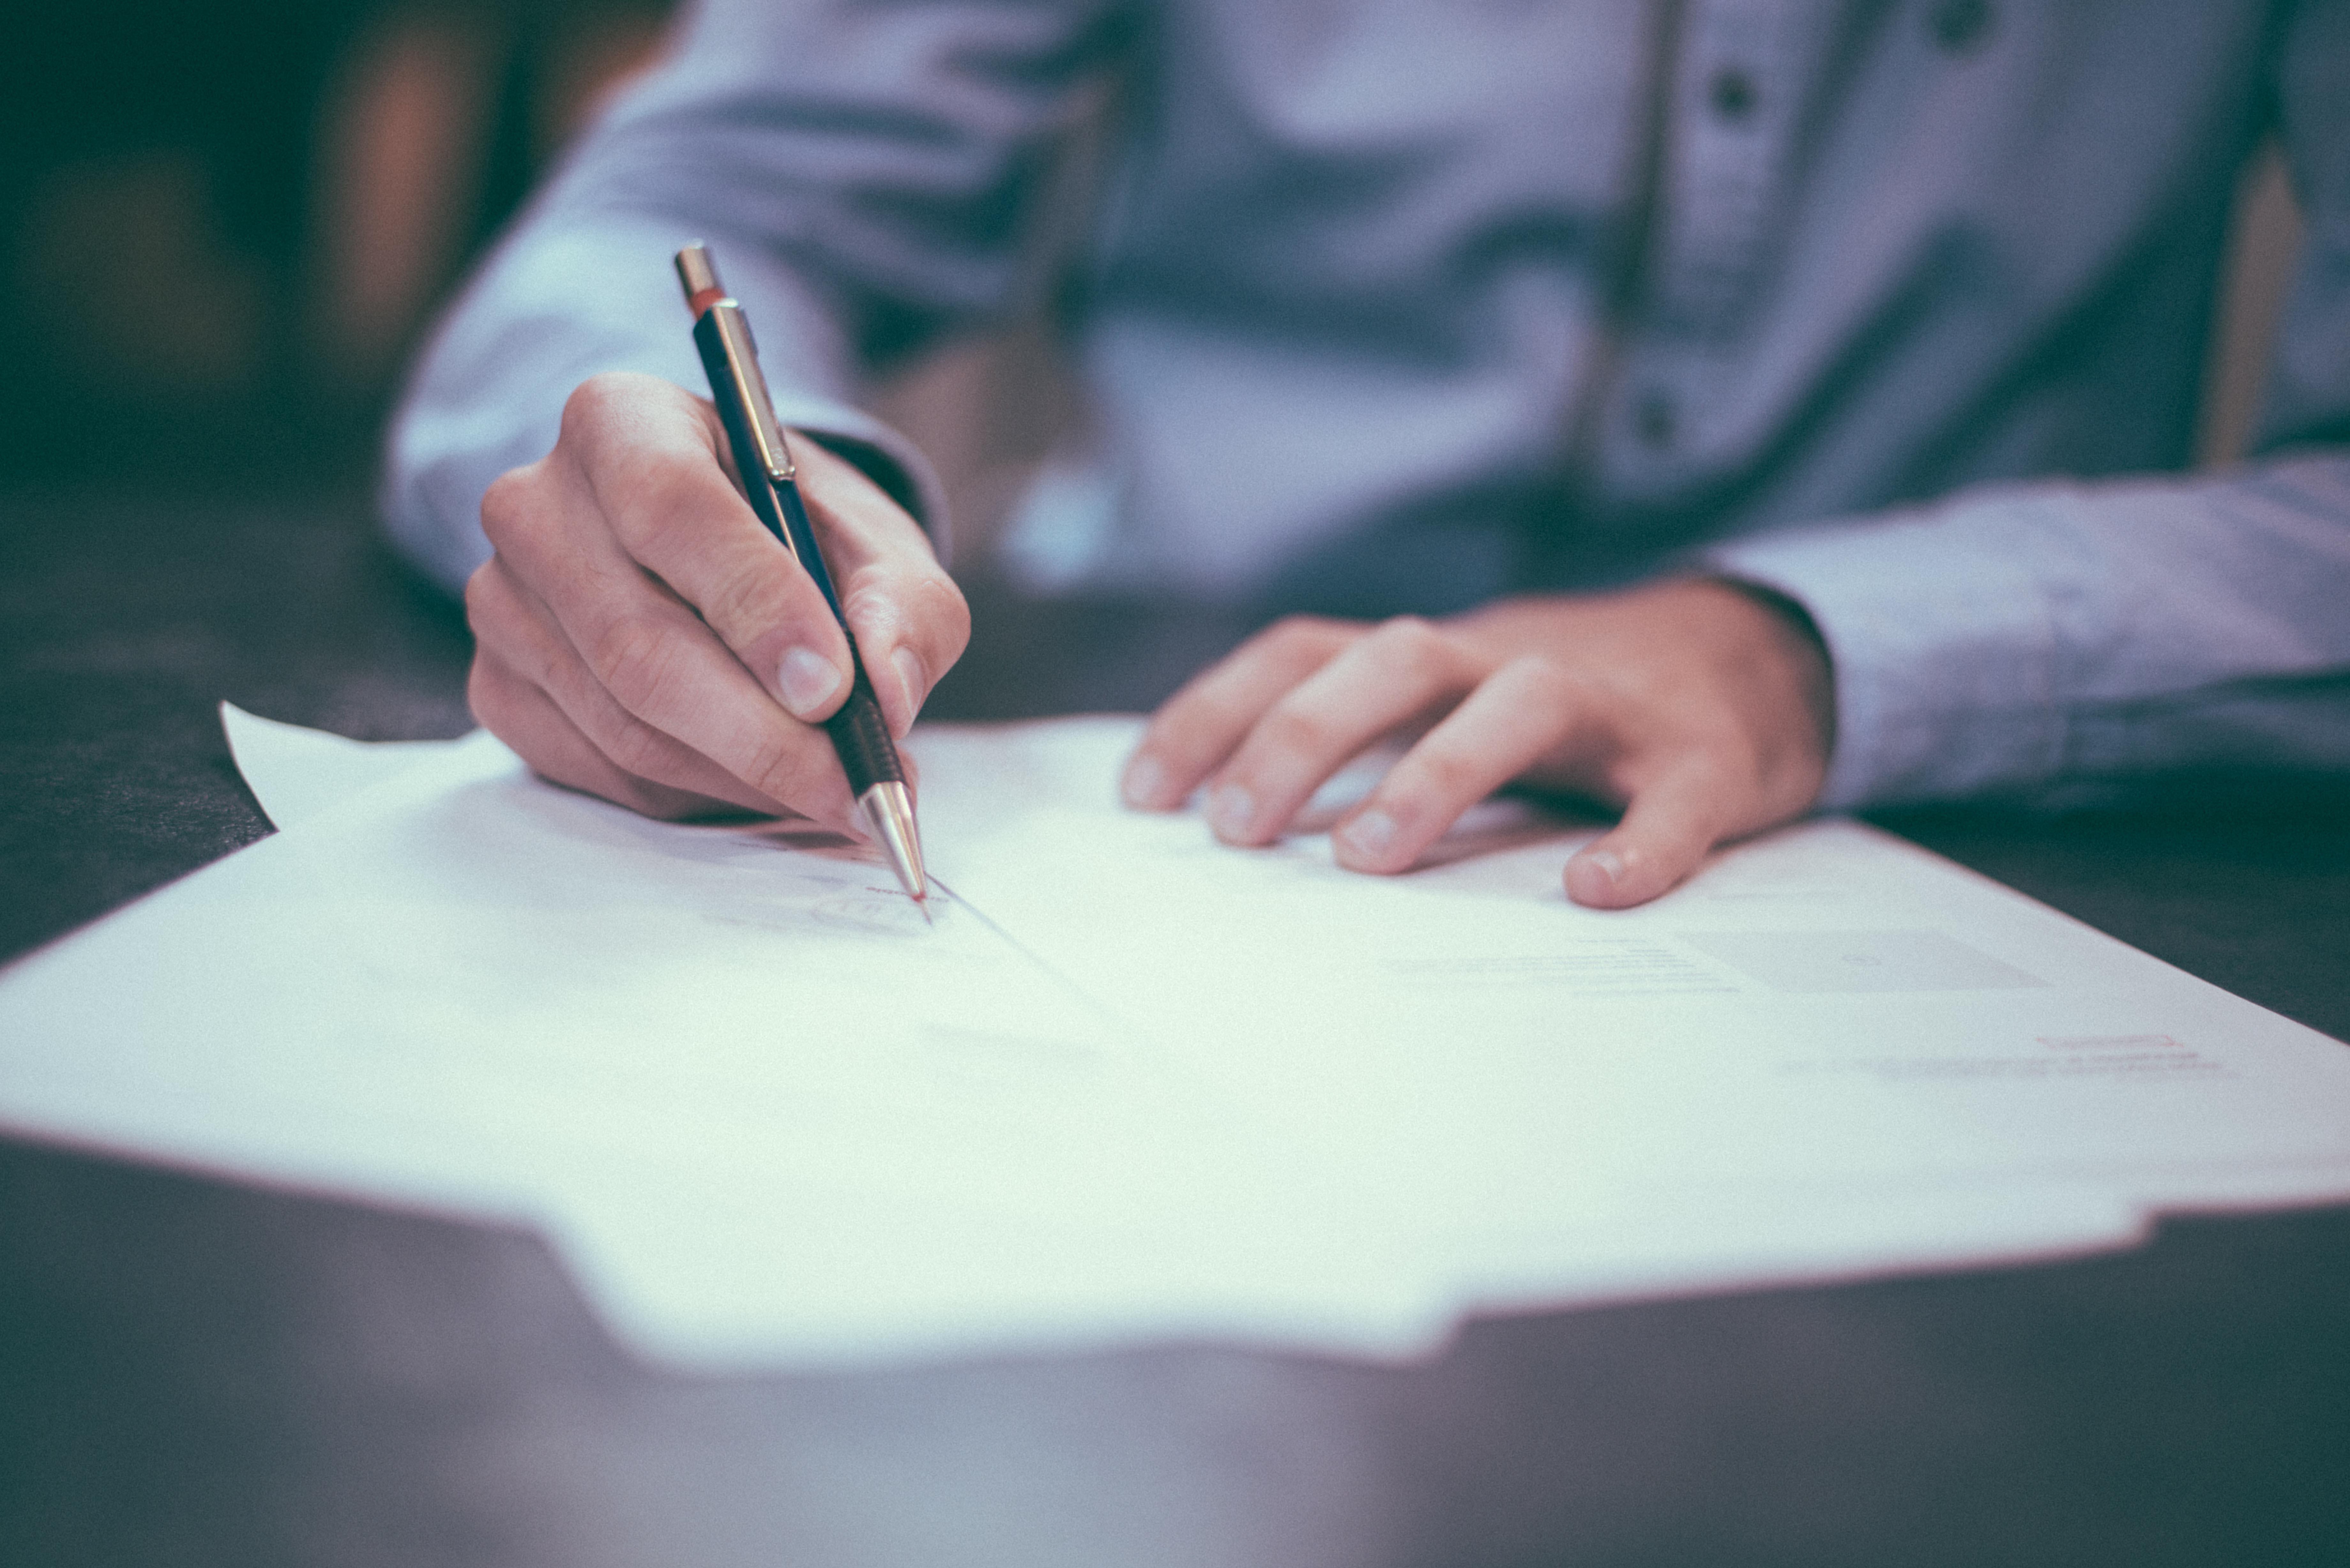 Afbeelding van een man die achter een bureau zit en die aantekeningen maakt op vellen papier